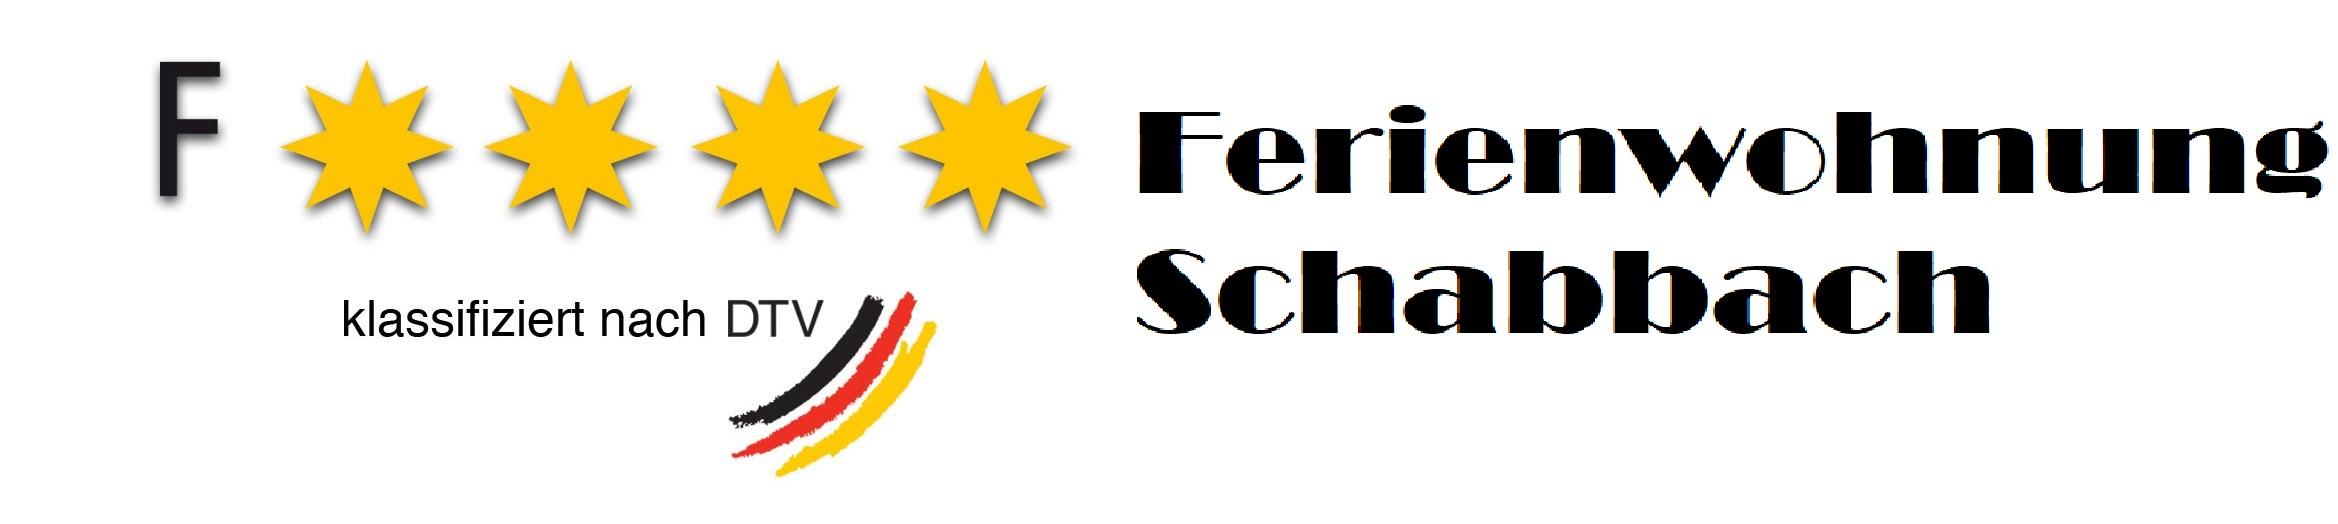 Ferienwohnung Schabbach